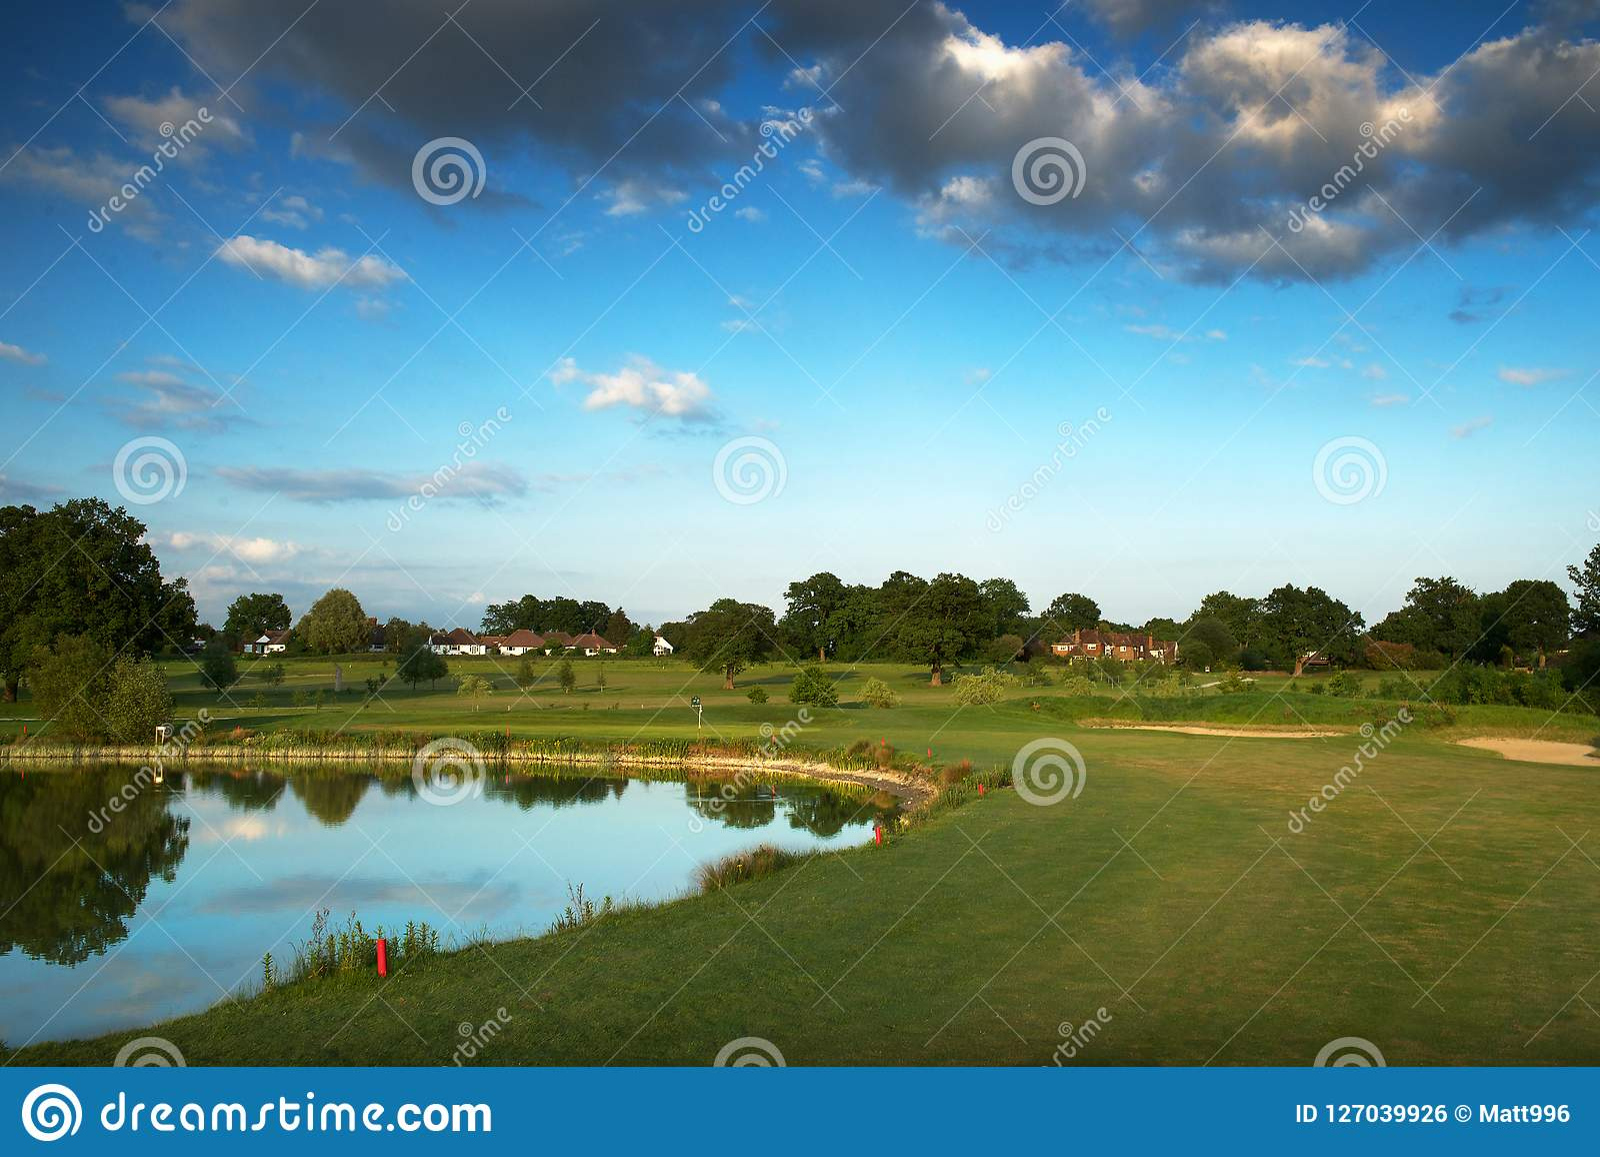 Englischer Golfplatz mit See